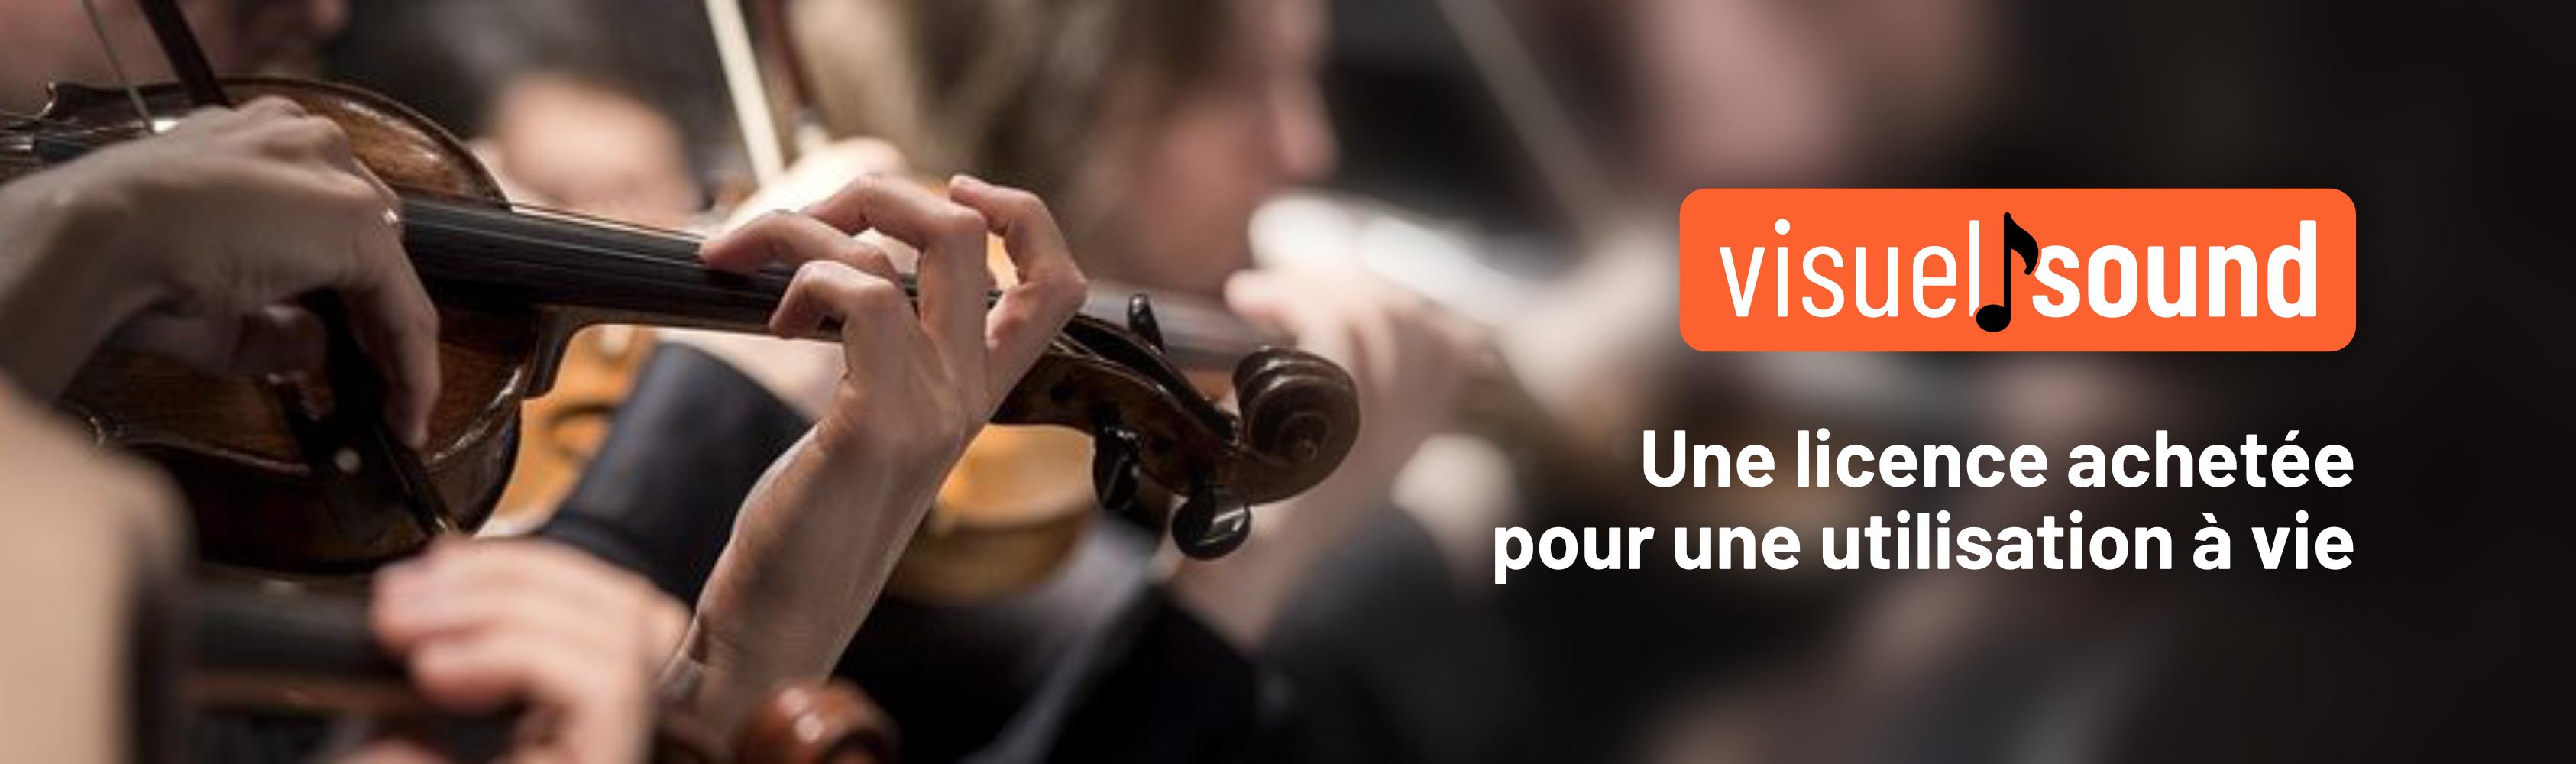 Second slide, Une violoniste dans un orchestre classique joue une musique libre de droit pour montage vidéo et un message indique une licence achetée pour une utilisation à vie